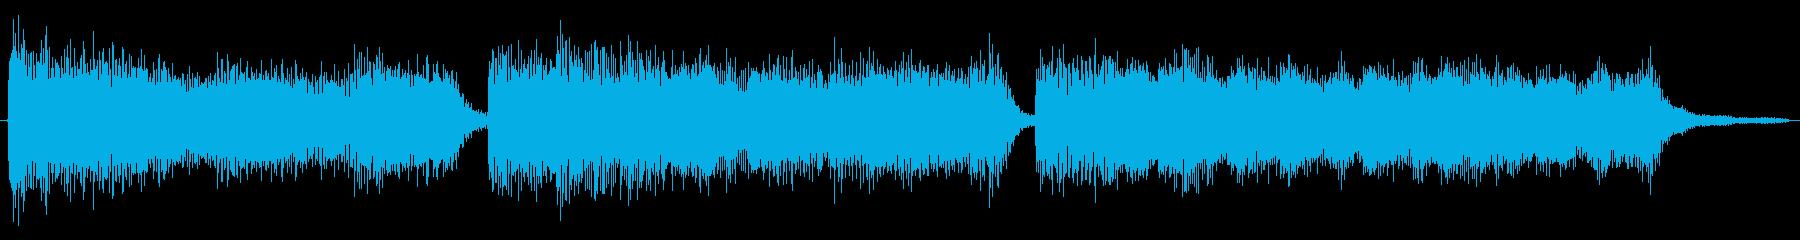 ゲームクリアしたような音の再生済みの波形